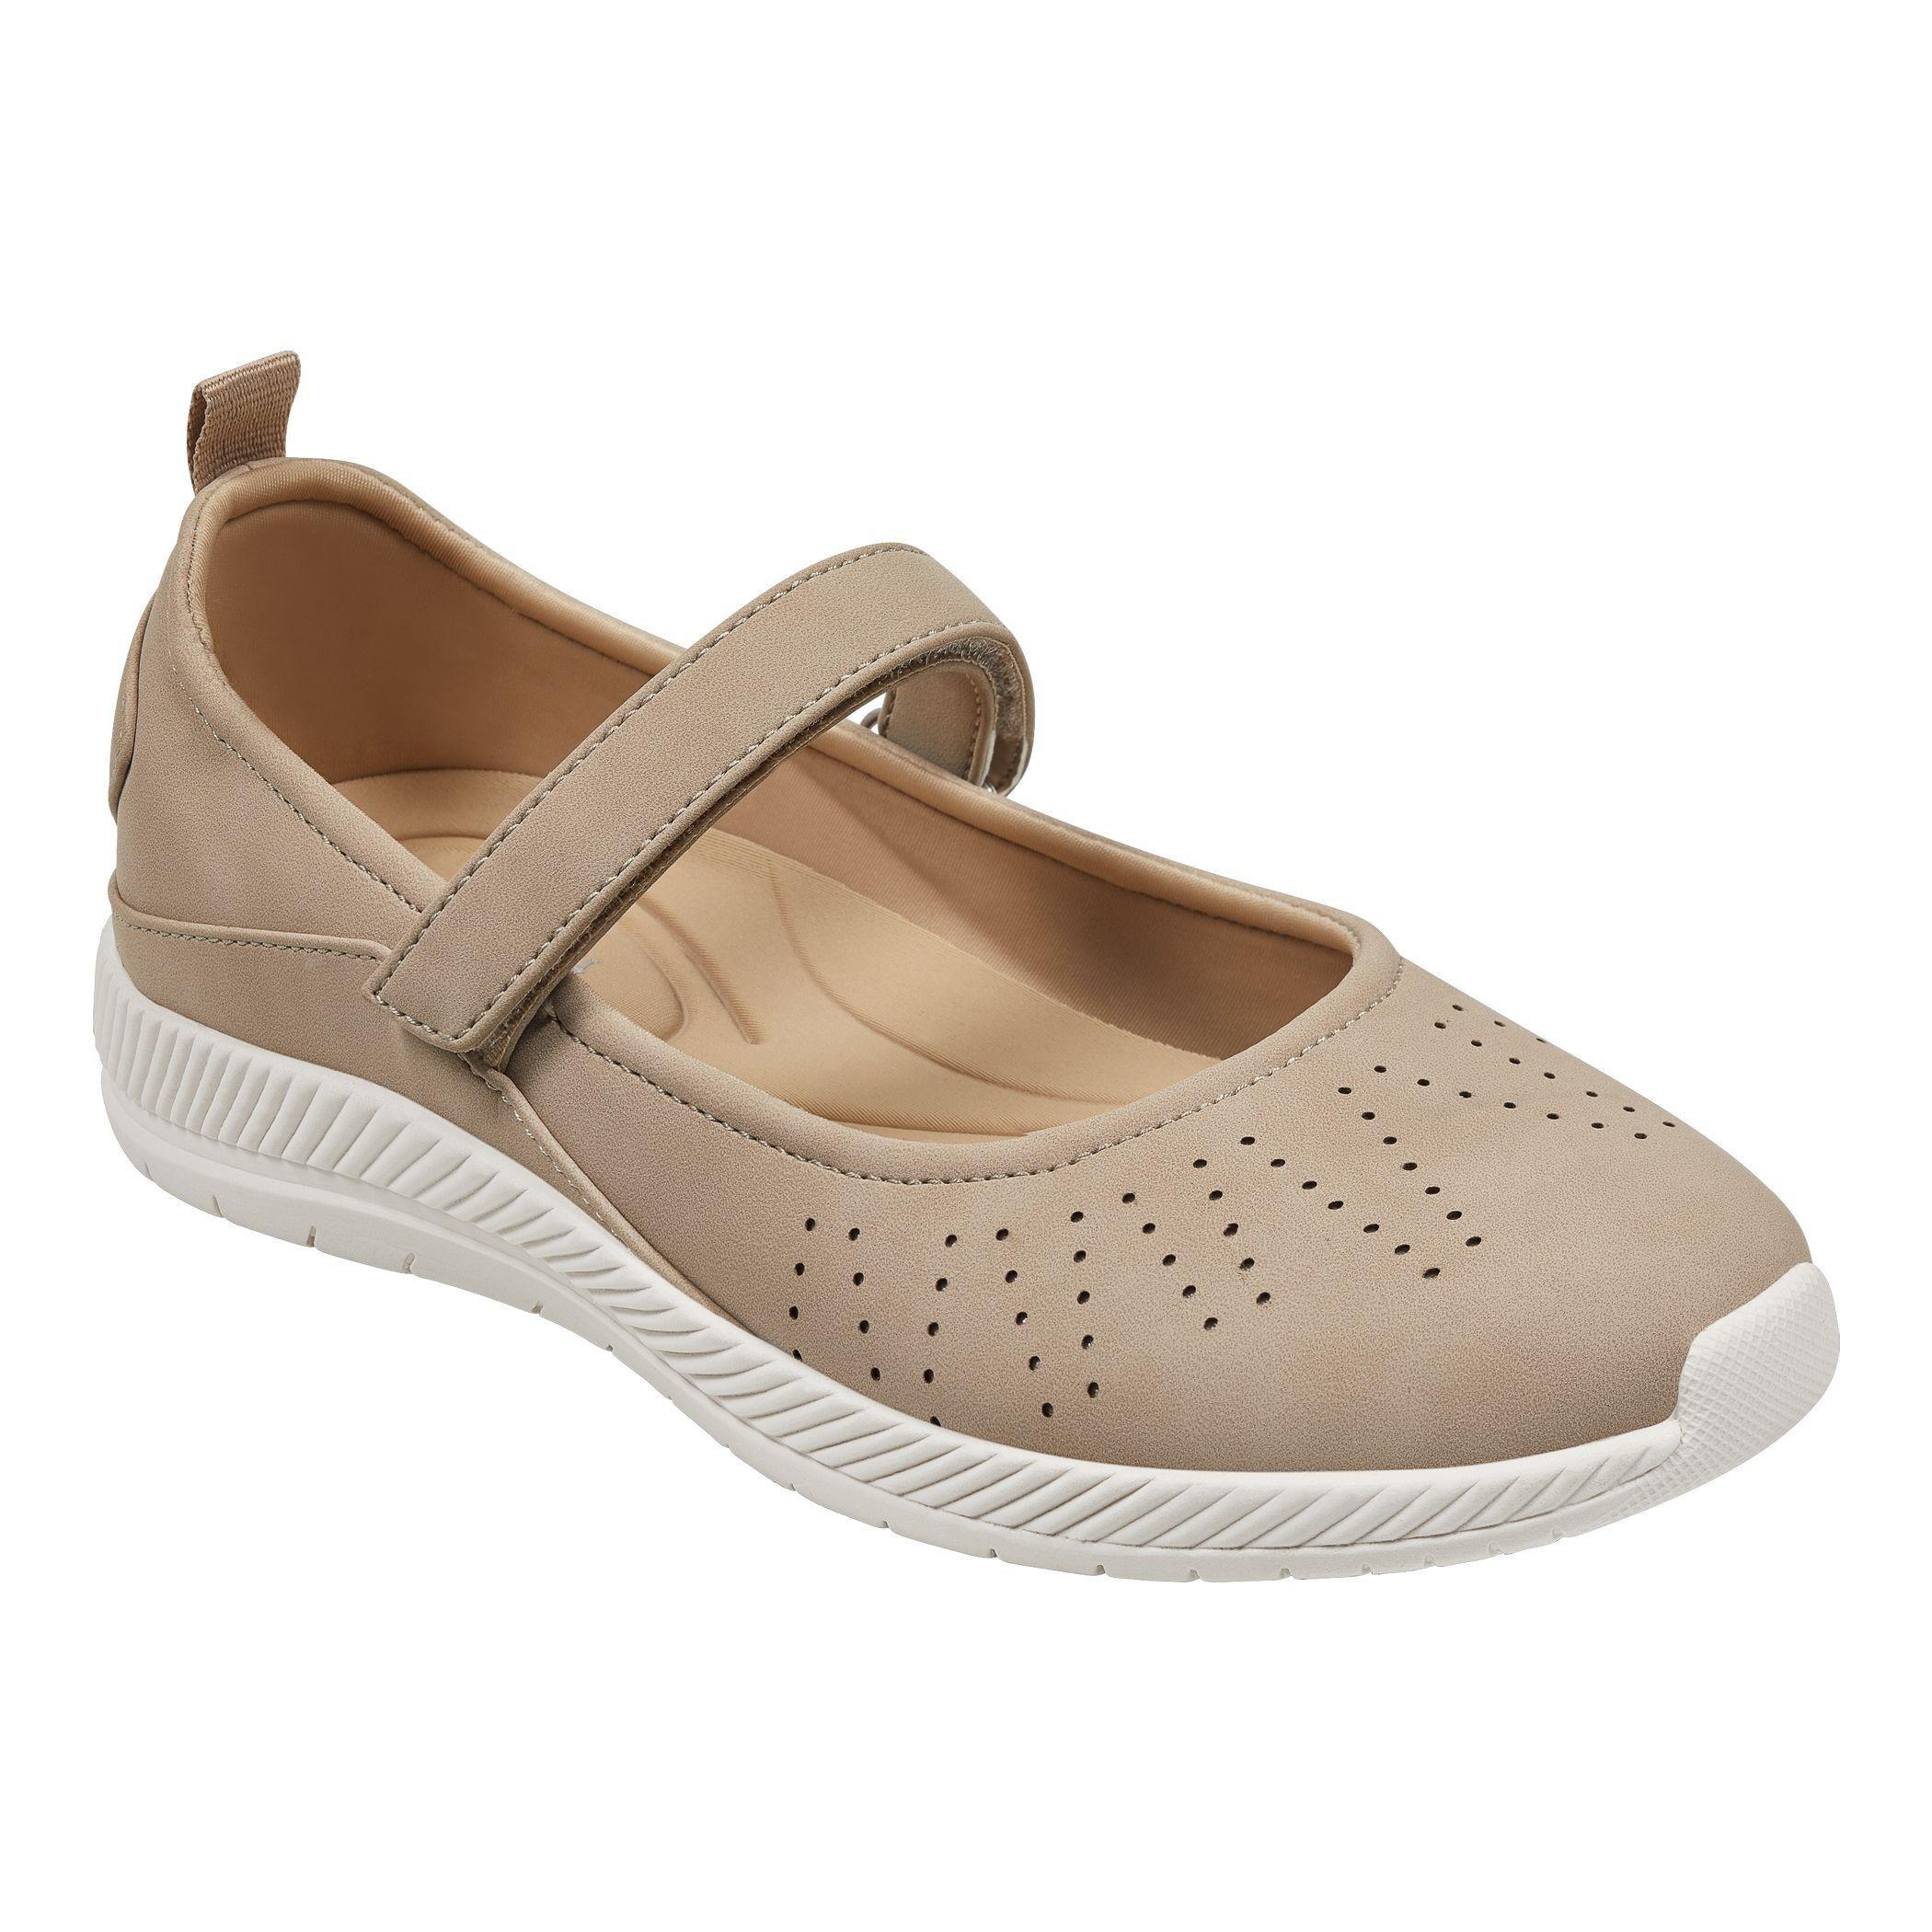 d00e4b2ab514 Buy Easy Spirit Women s Flats Online at Overstock